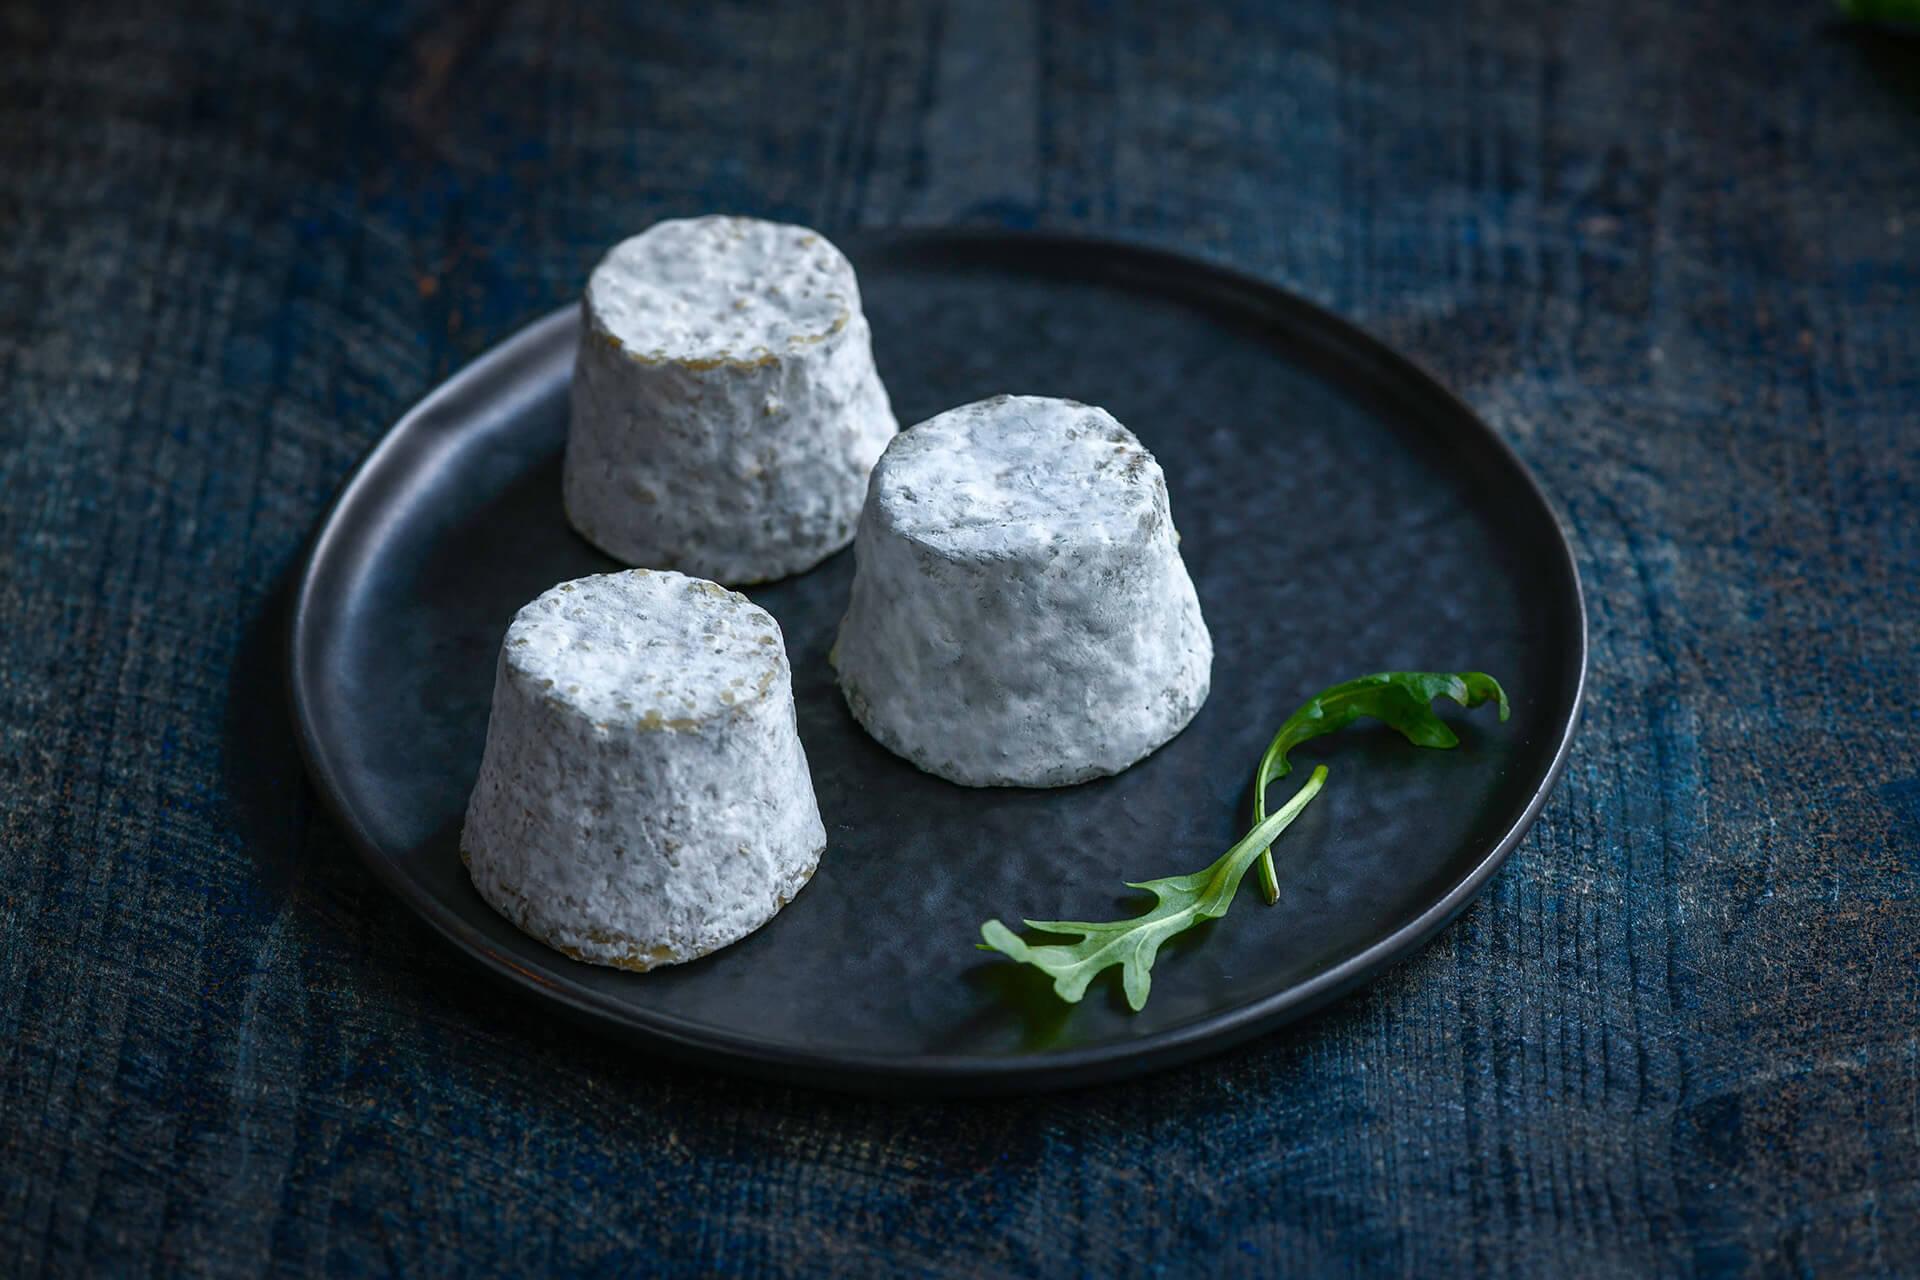 Grande image de fond pour la note & goût du fromage Mâconnais AOP